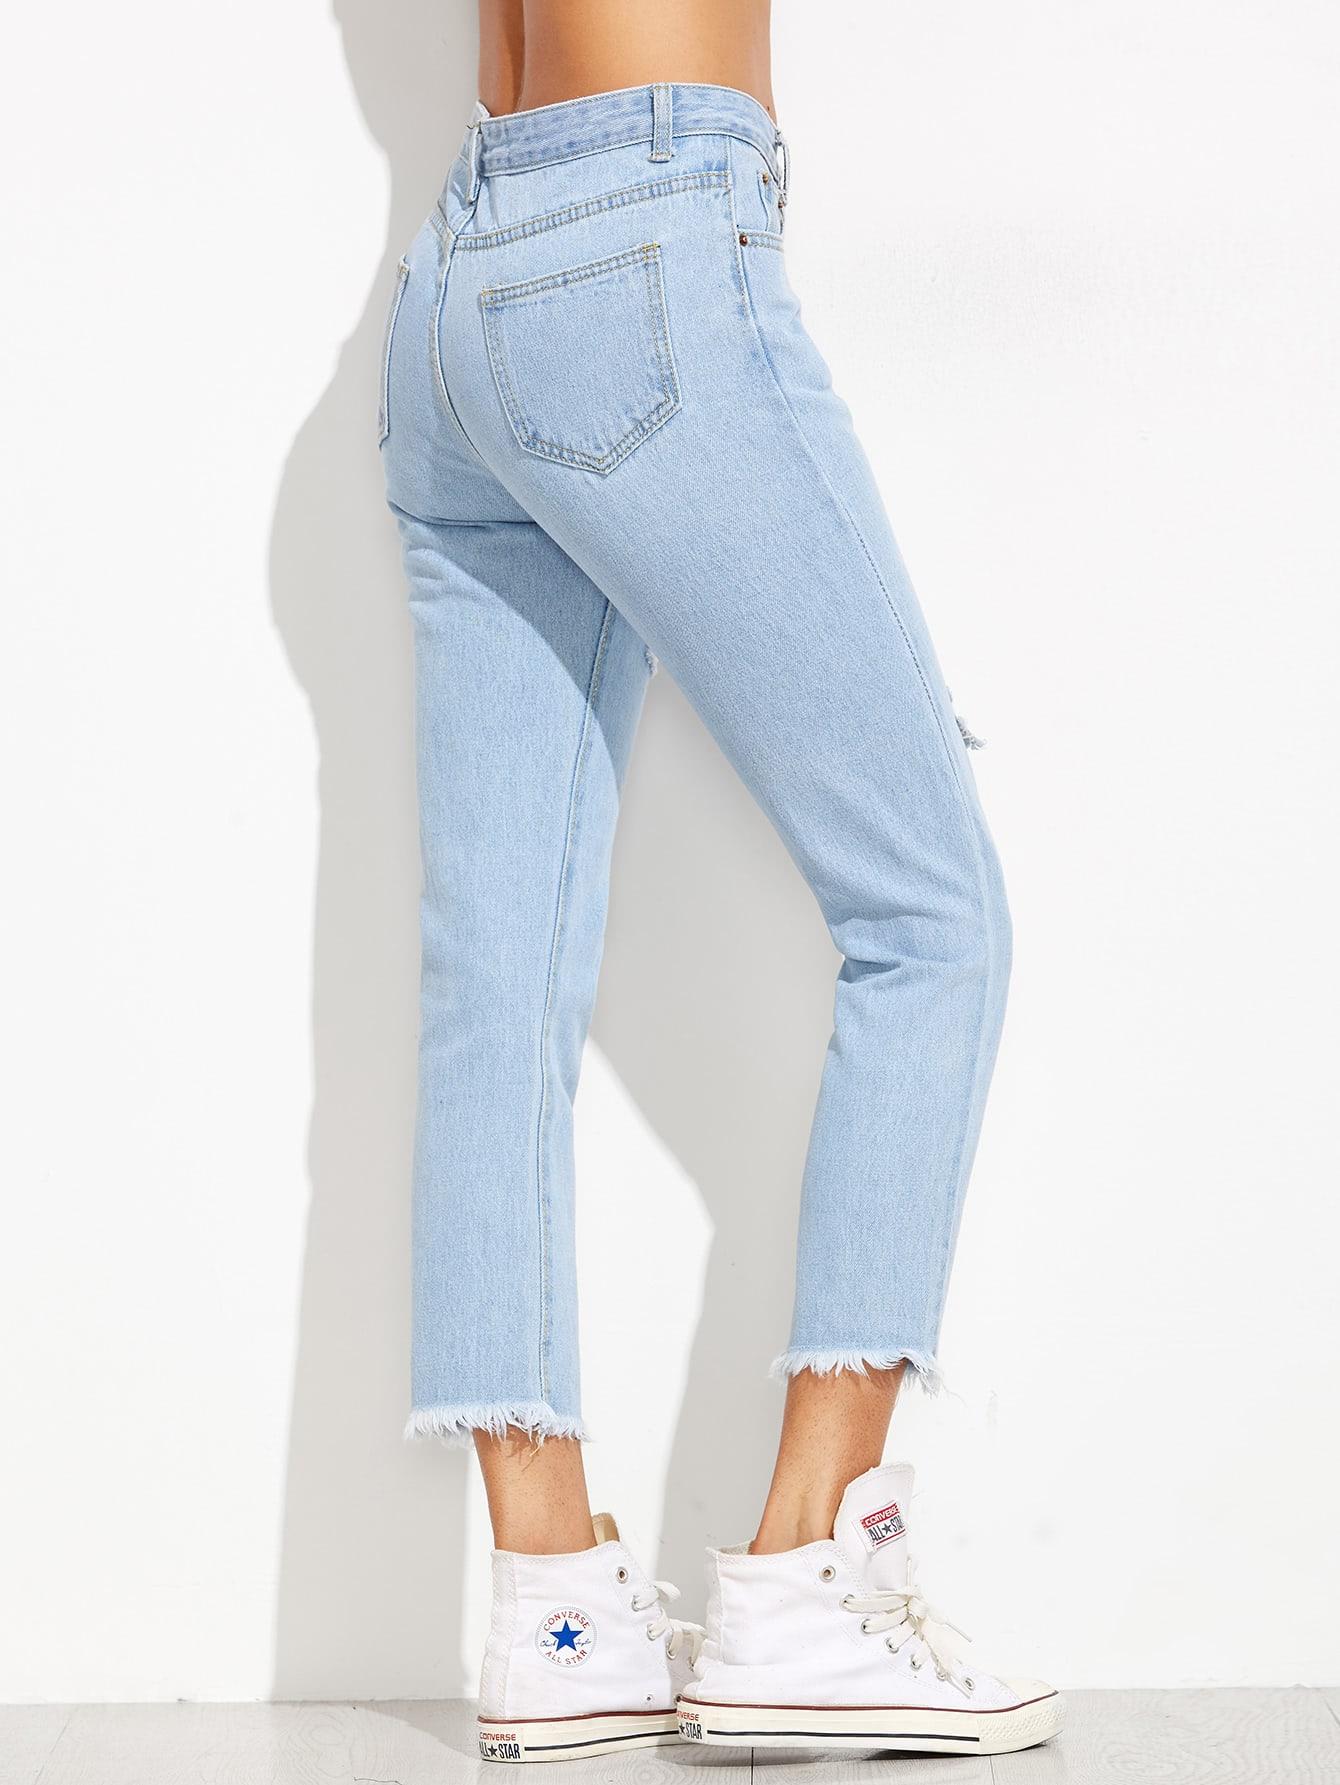 pants160808009_2